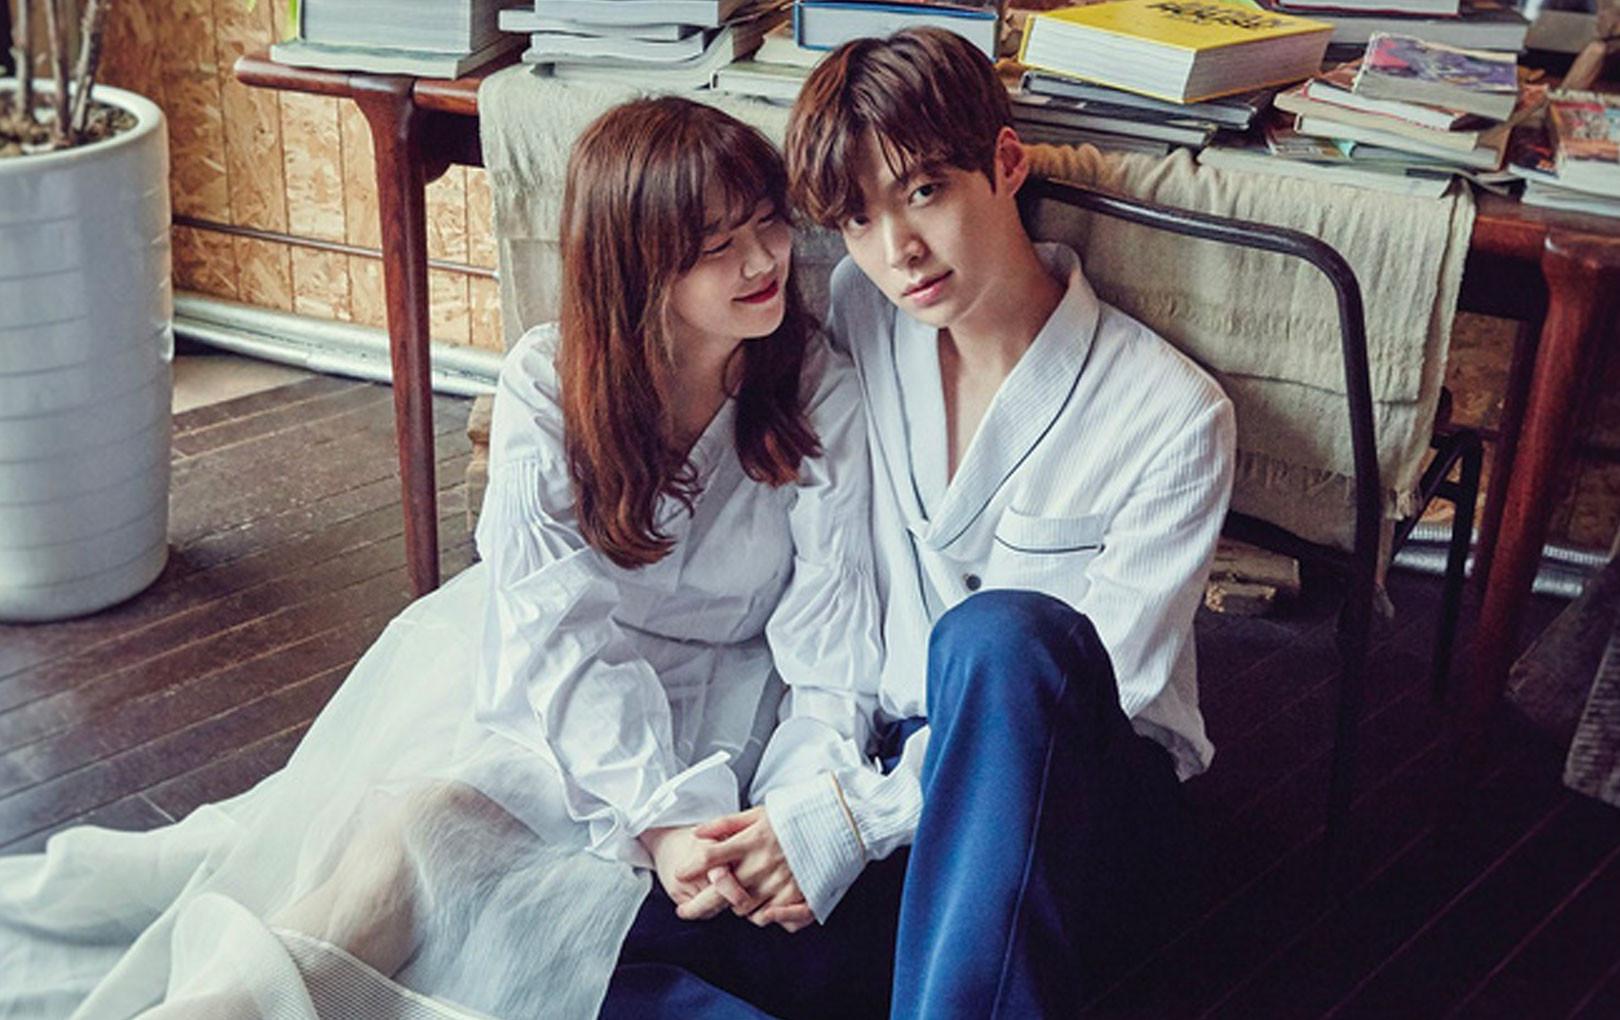 Goo Hye Sun bức xúc tố cáo Ahn Jae Hyun bịa đặt, chửi bới mình, công ty quản lý nói sai sự thật cố tình bênh vực Ahn Jae Huyn